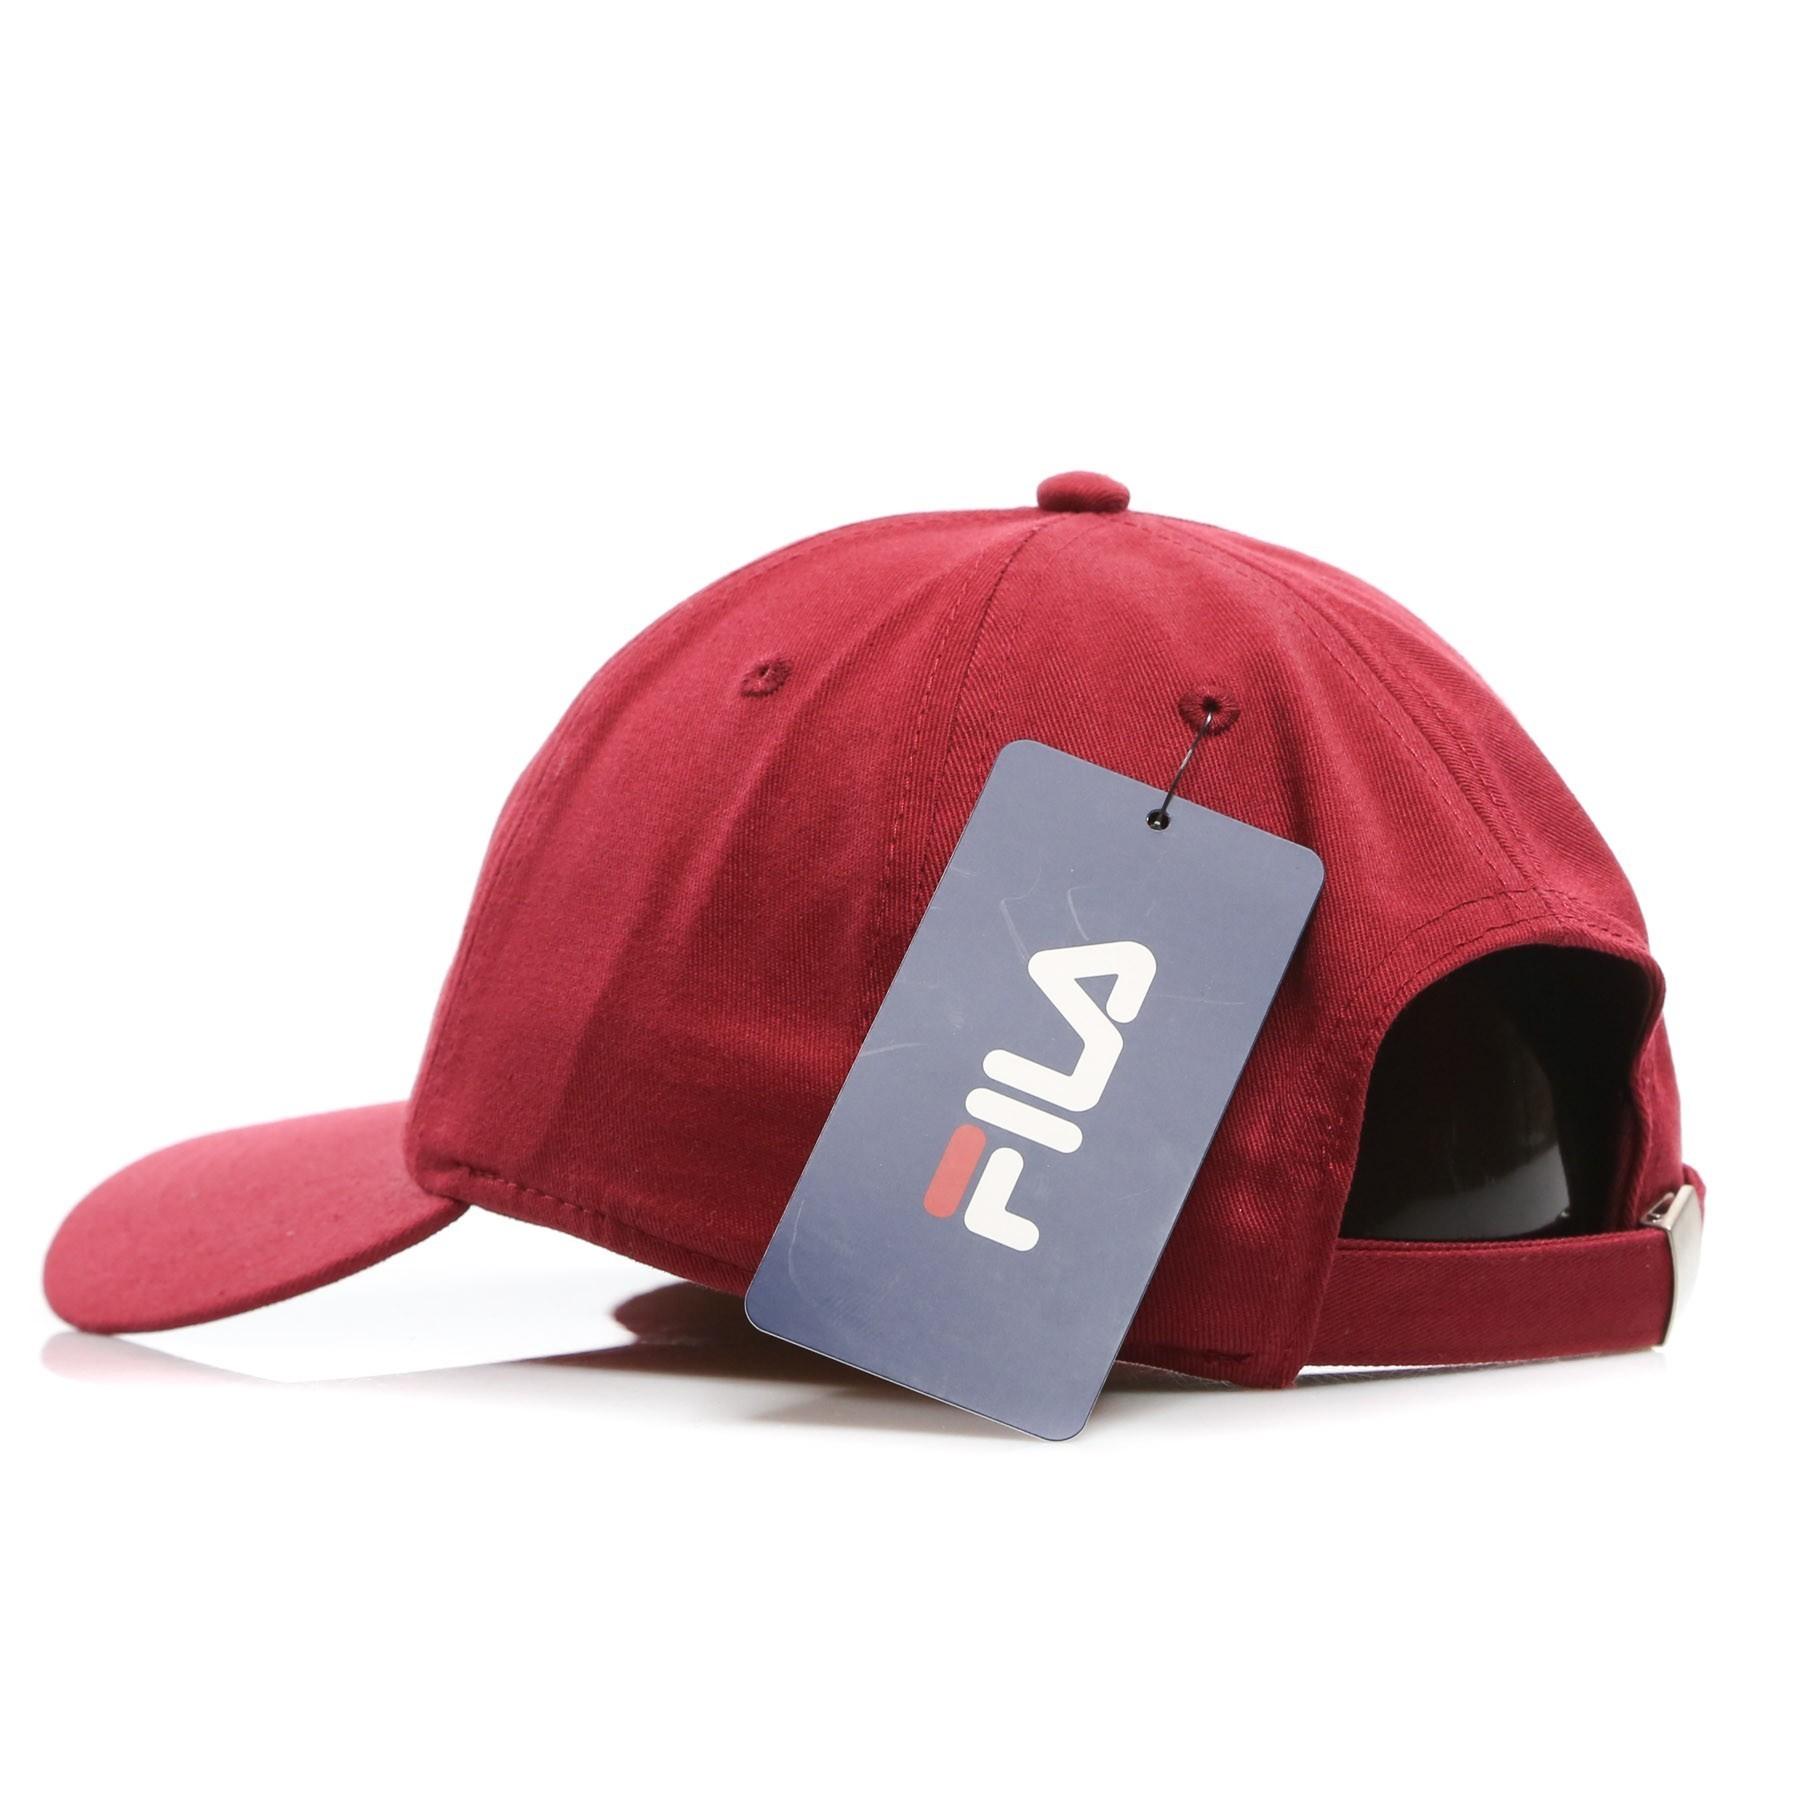 cf21a73d607 CAPPELLO VISIERA CURVA DAD CAP LINEAR STRAP BACK RED RHUBARB ...